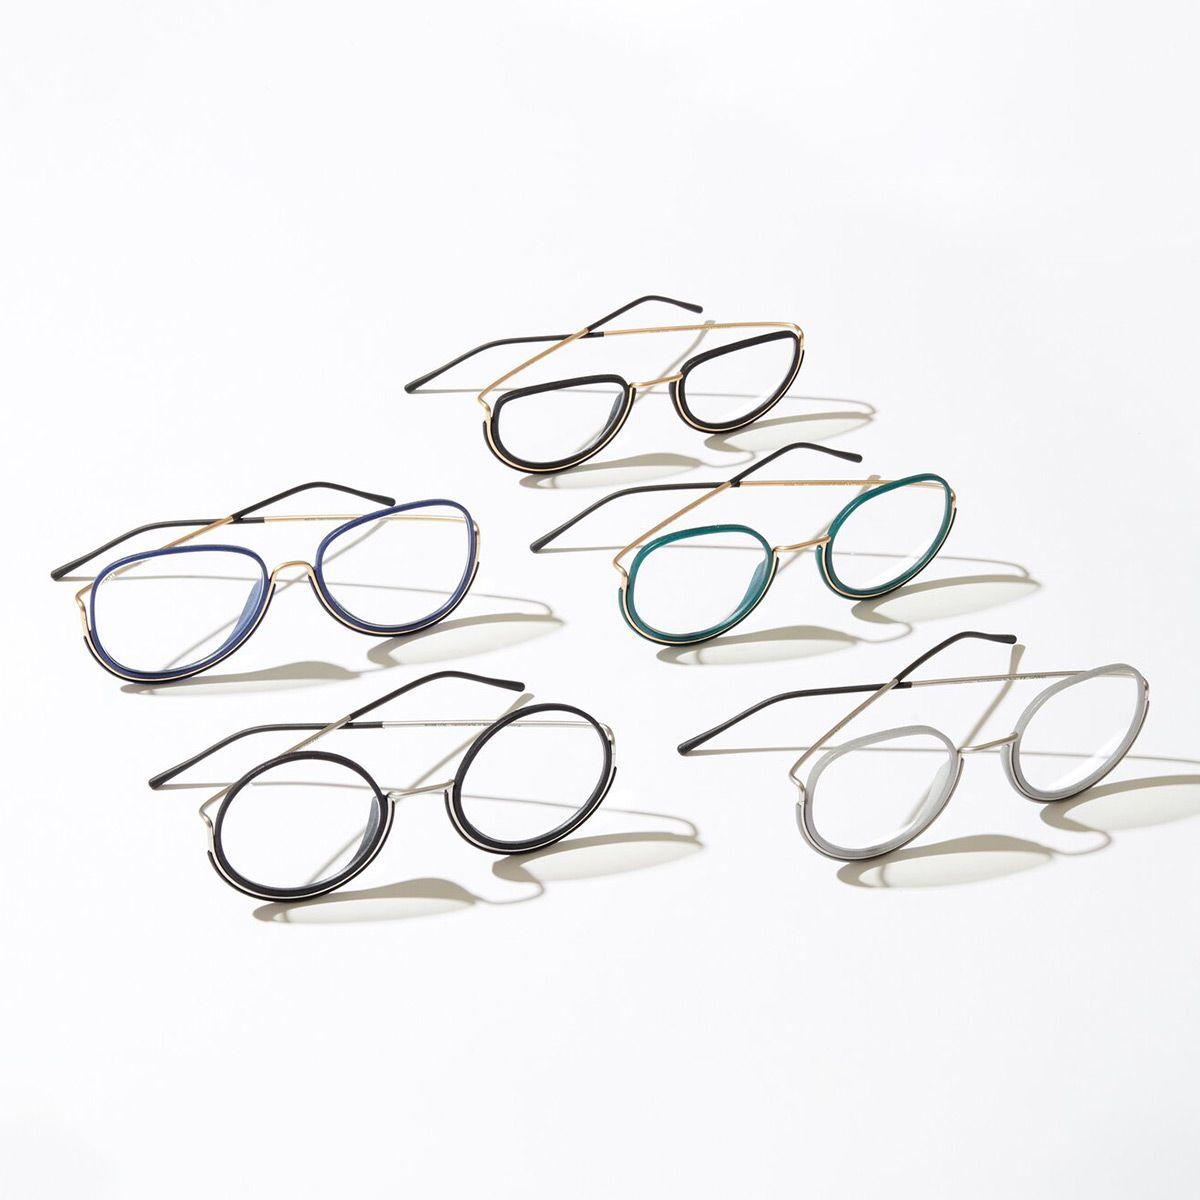 Wires Varda - Silver/Grey